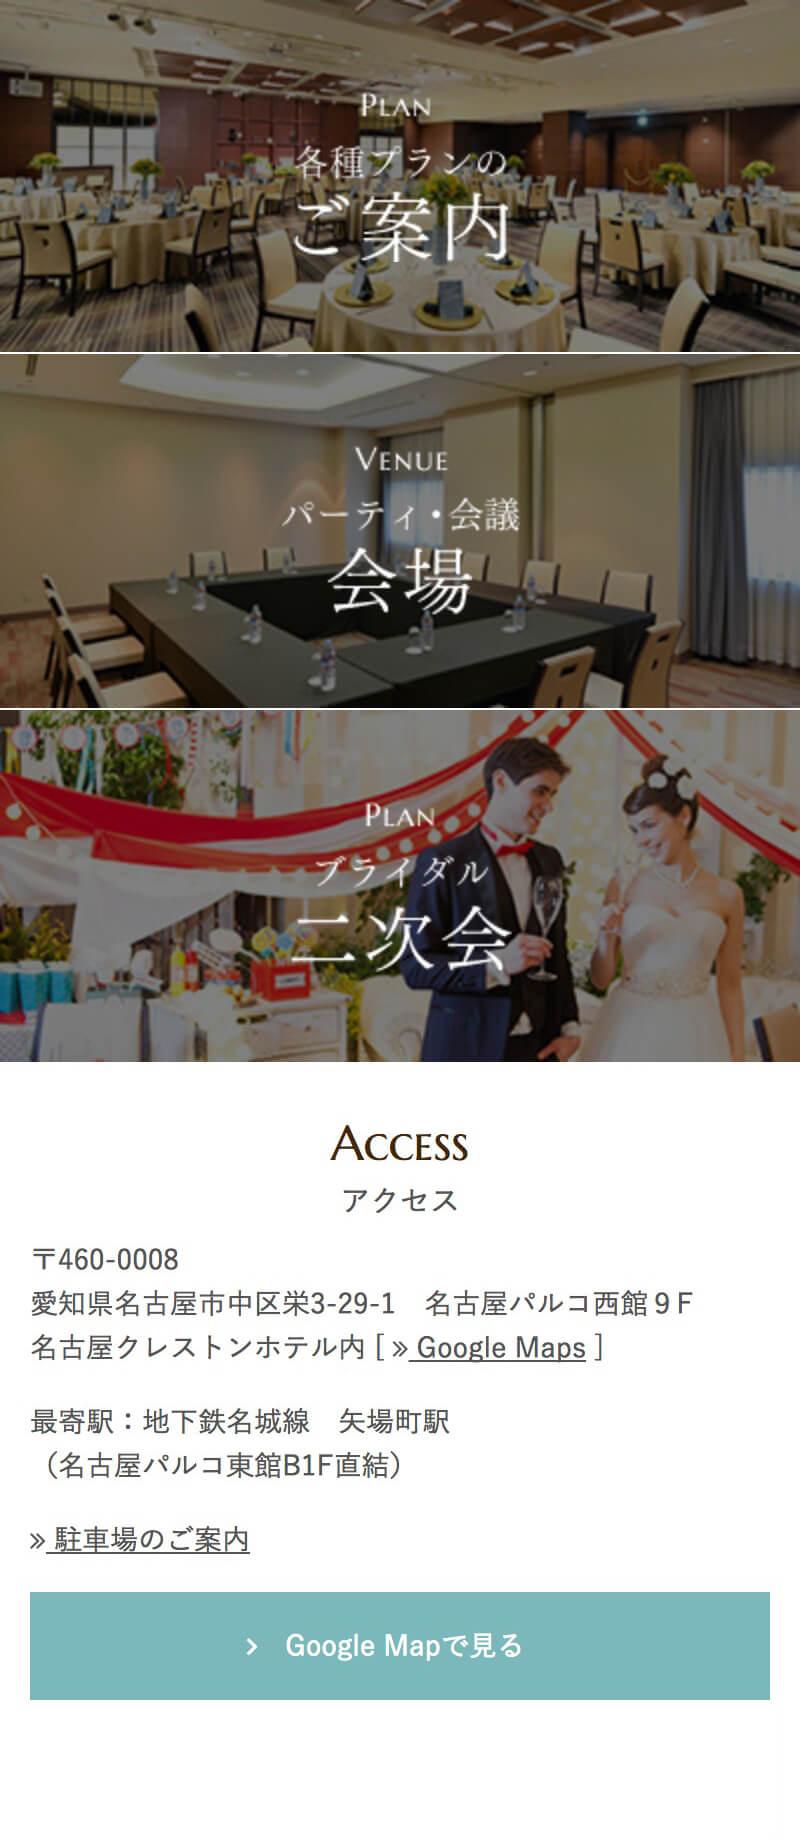 名古屋 栄の結婚式場「コルヴィア スイート」|制作実績